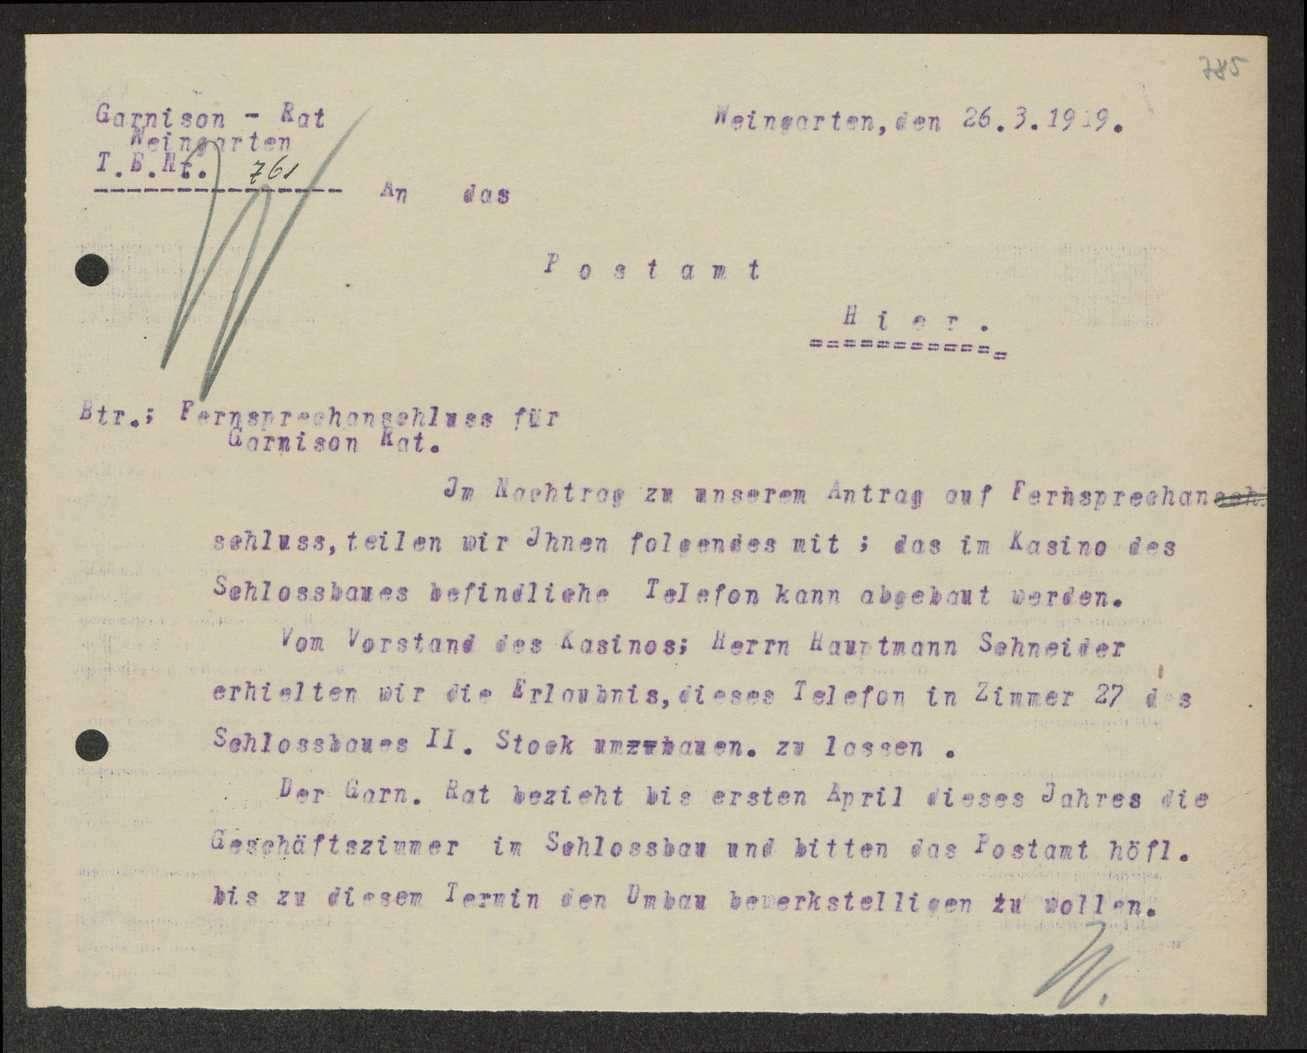 Fernsprechanschluss, Anschrift des Garnisonrats, Regelung der Postzustellung für denselben, Bild 2